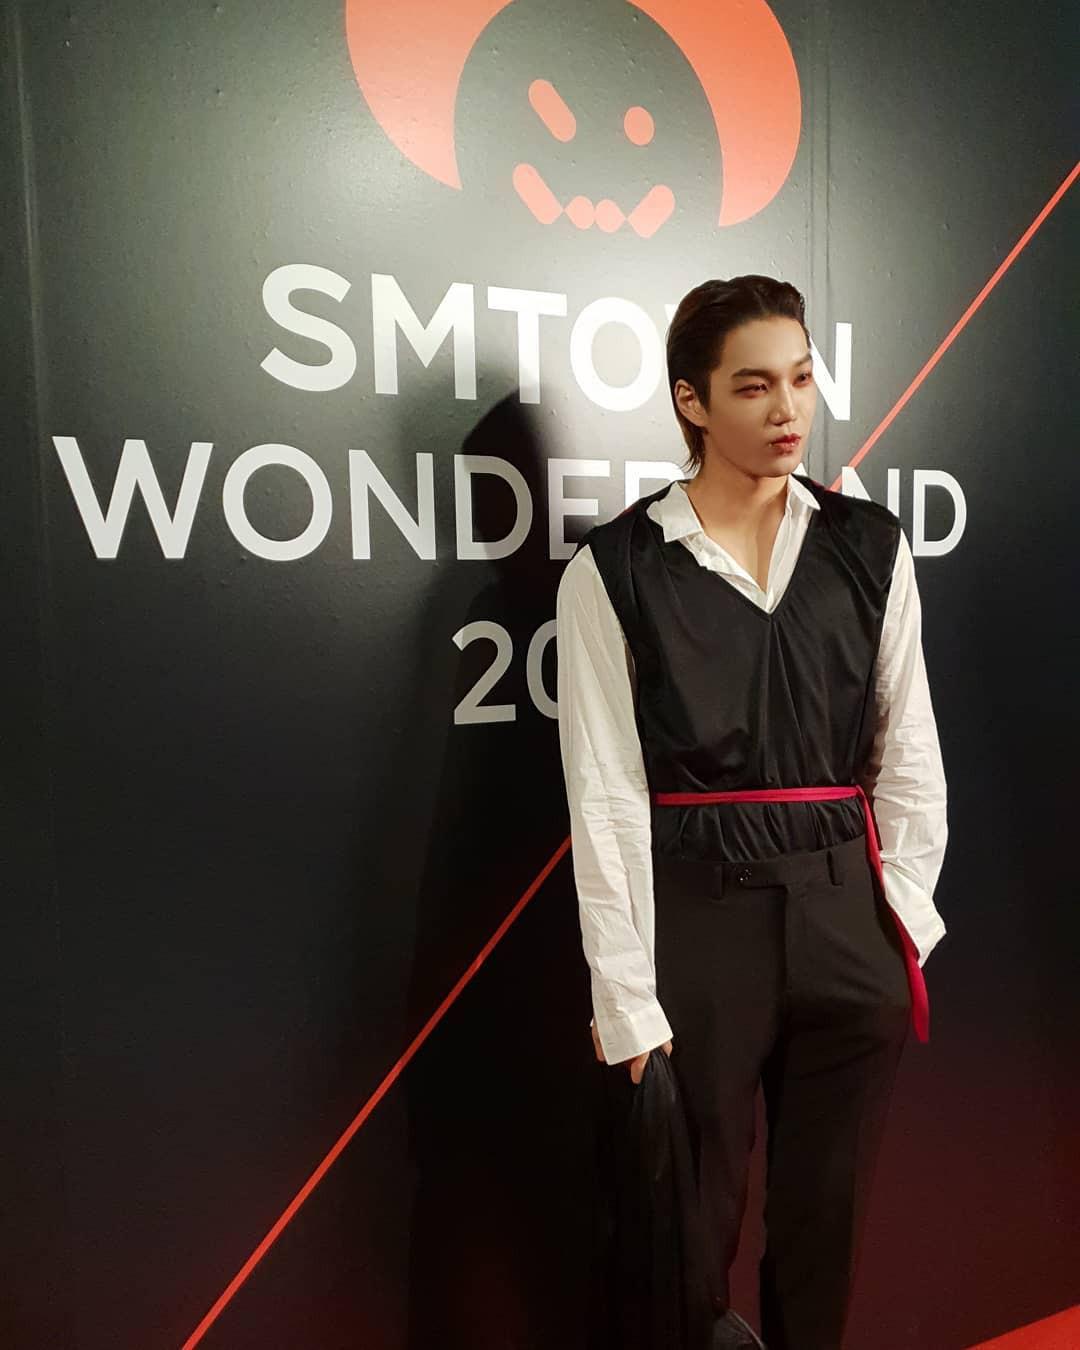 Tưng bừng tiệc Halloween khủng nhà SM: Taeyeon quá xuất sắc, nhưng Key và Baekhyun mới là sốc nhất - Ảnh 8.